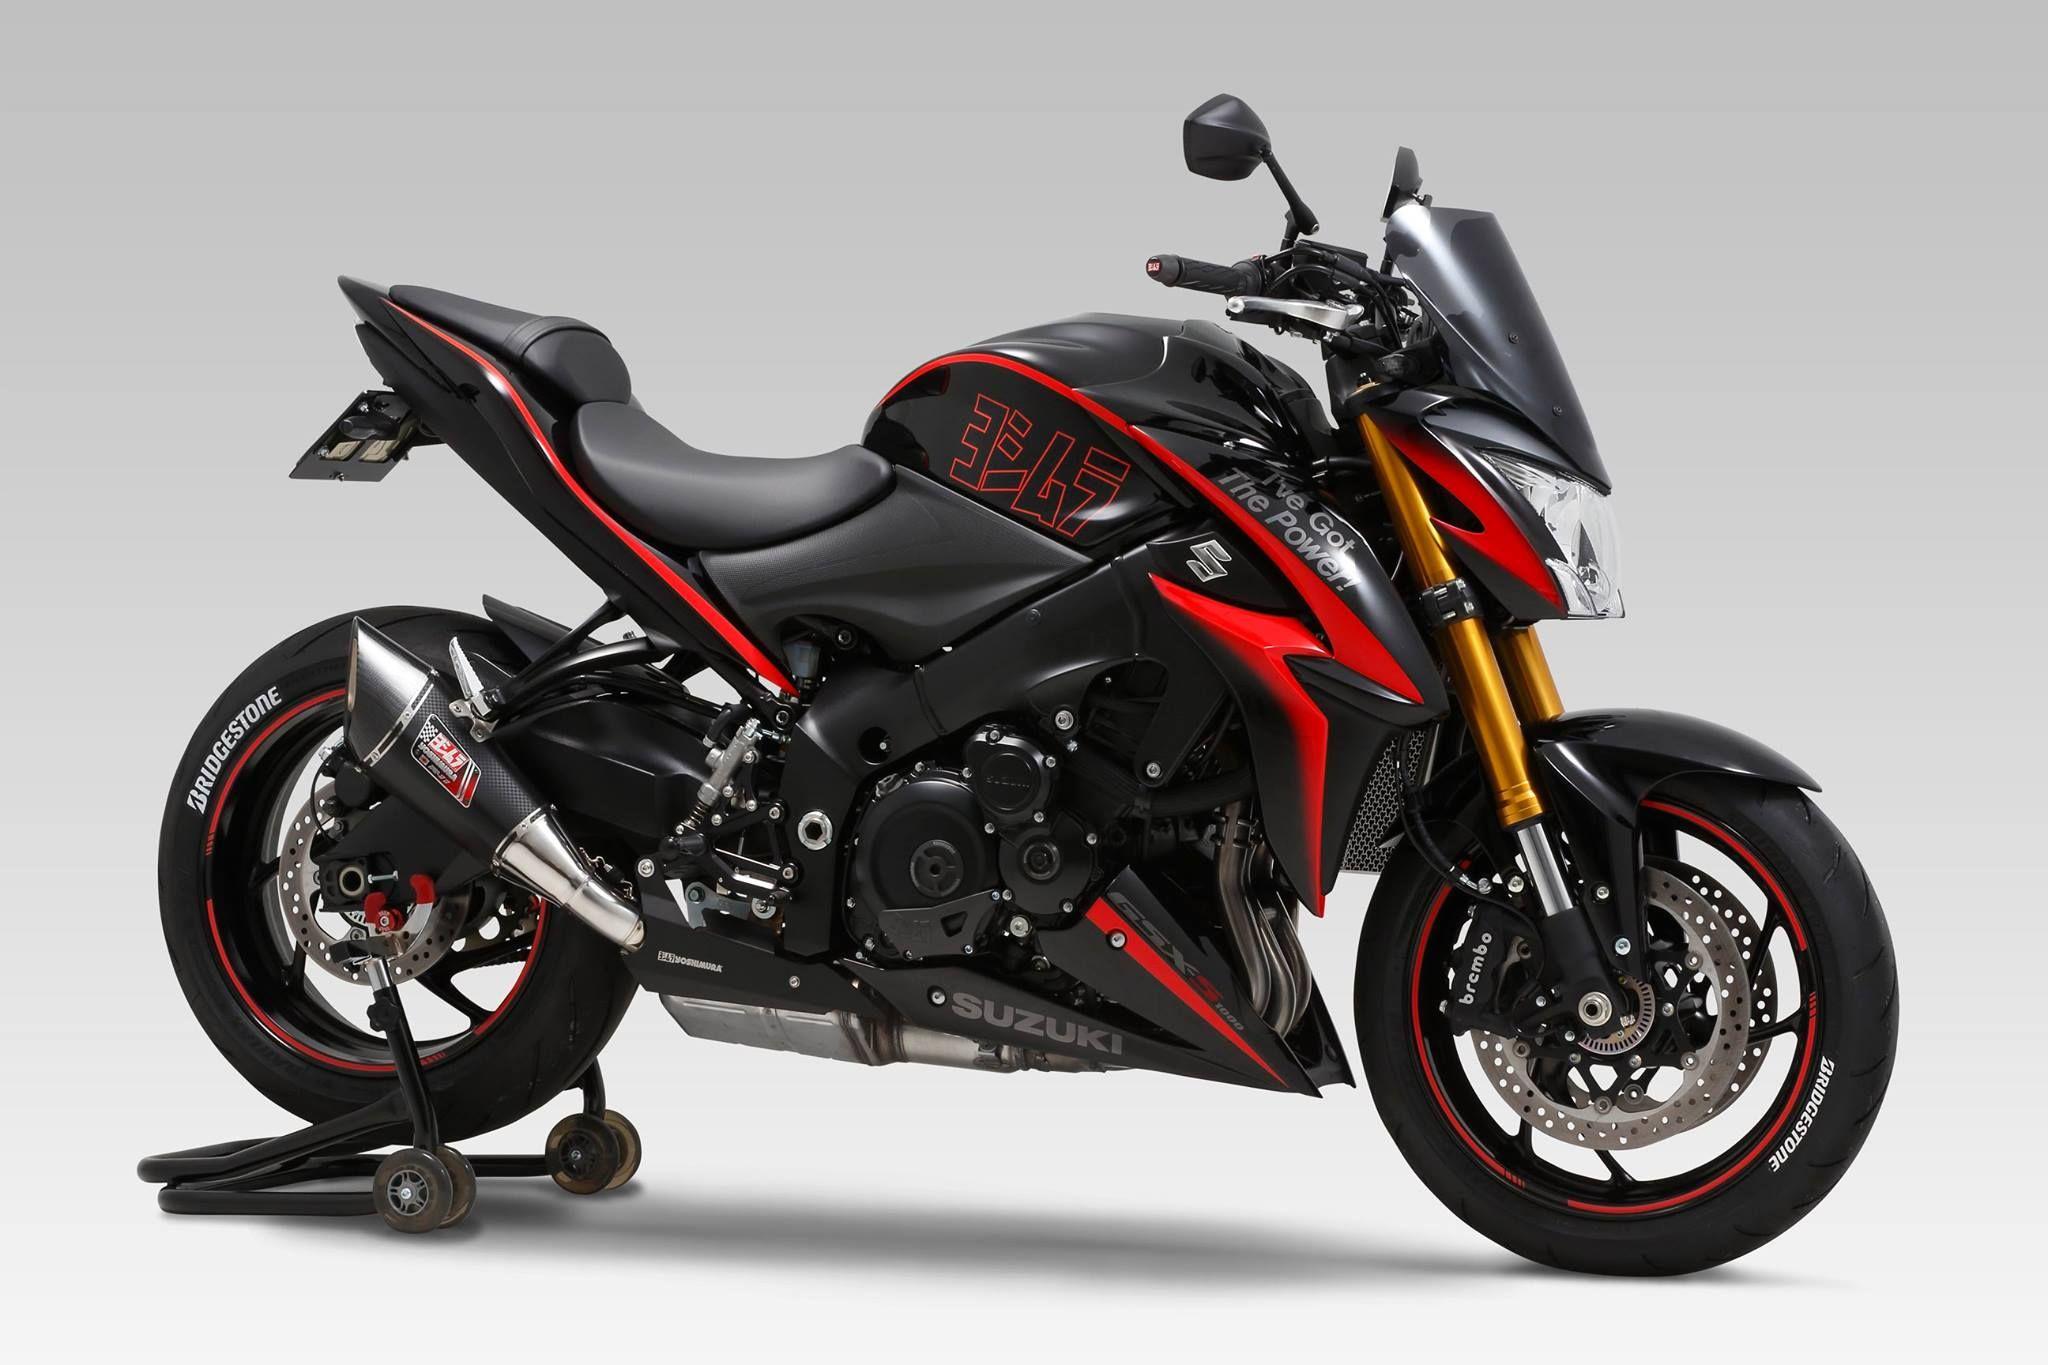 Suzuki GSX-S 1000 Yoshimura | Motorcycles